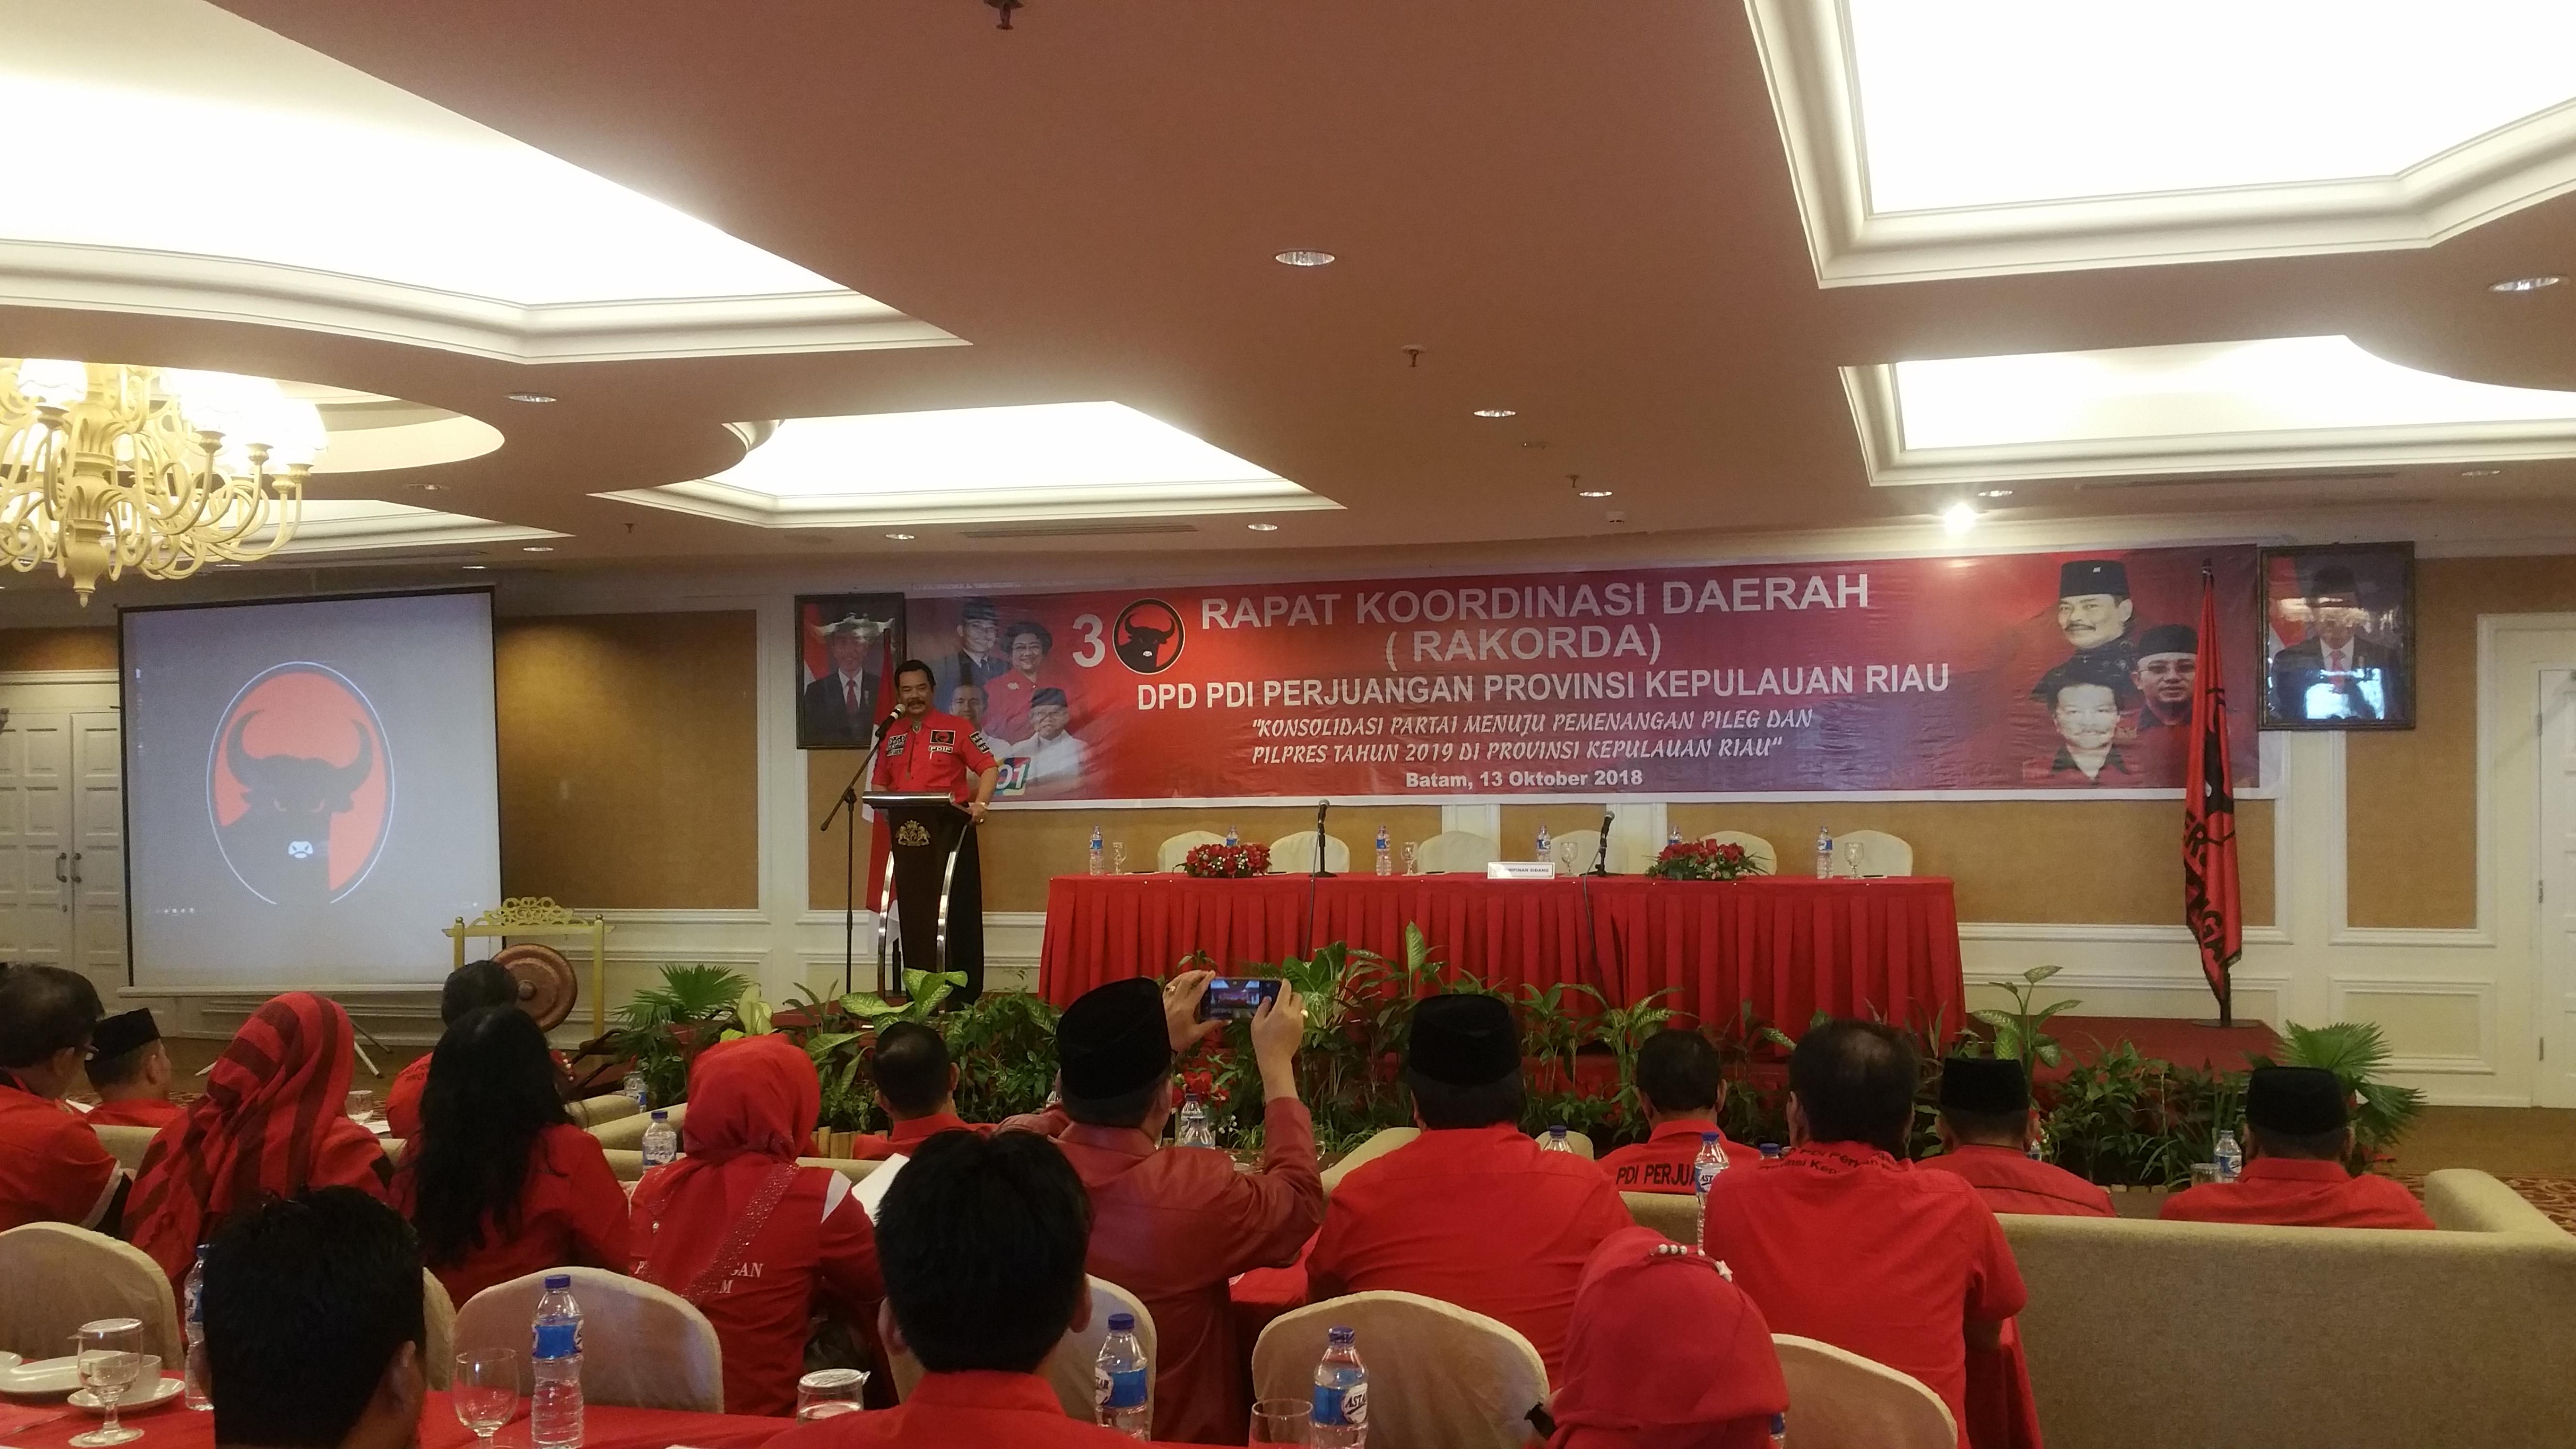 Rapat Koordinasi Daerah (RAKORDA) PDI Perjuangan Provinsi Kepulauan Riau